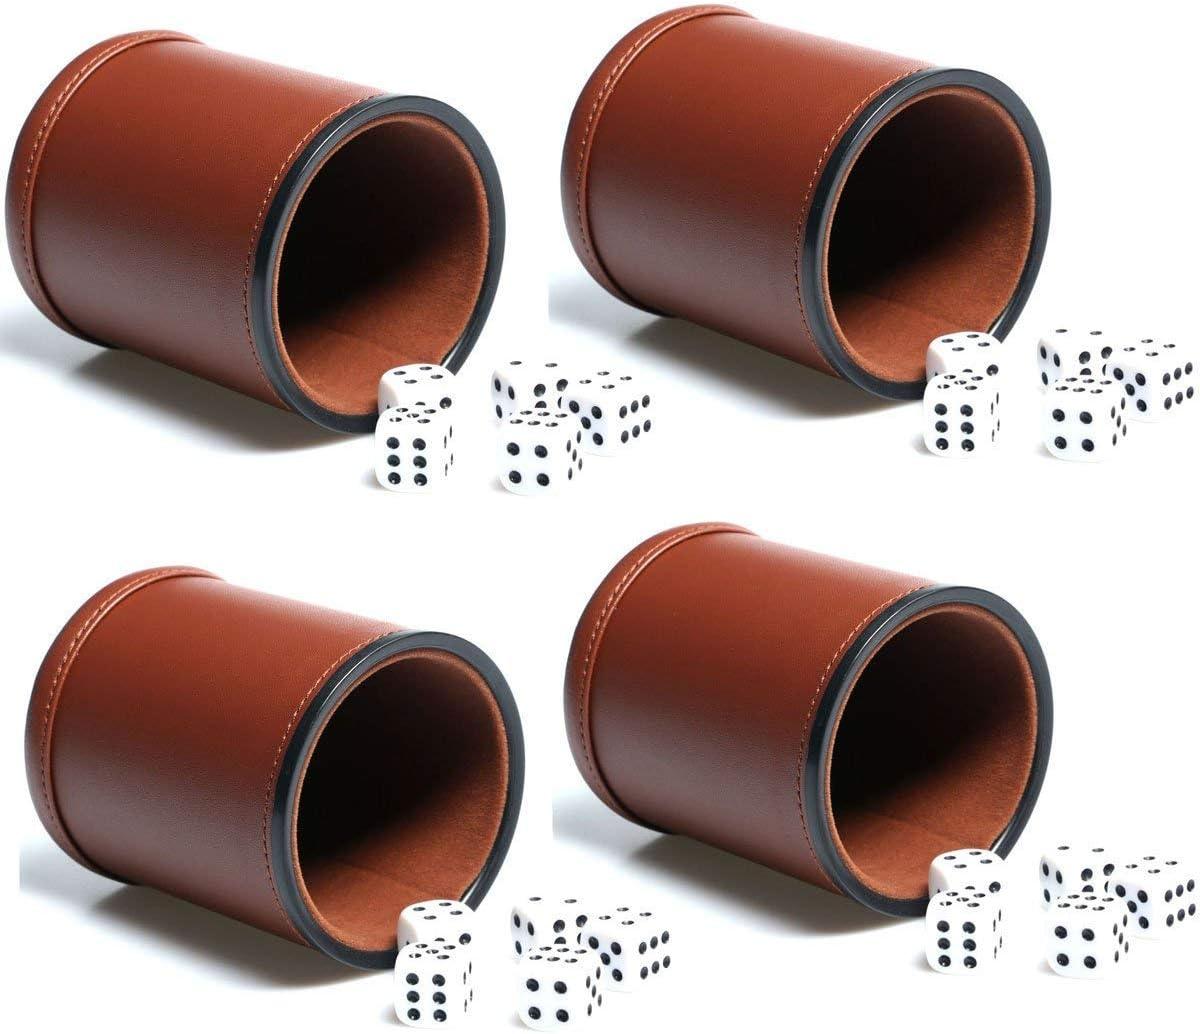 5X W/ürfelbecher-Set,leiser W/ürfelbecher mit 25 W/ürfeln,Exklusives Aufbewahrungs und Transportetui aus Kunstleder mit Magnetverschluss f/ür Farkle Yahtzee schwarz